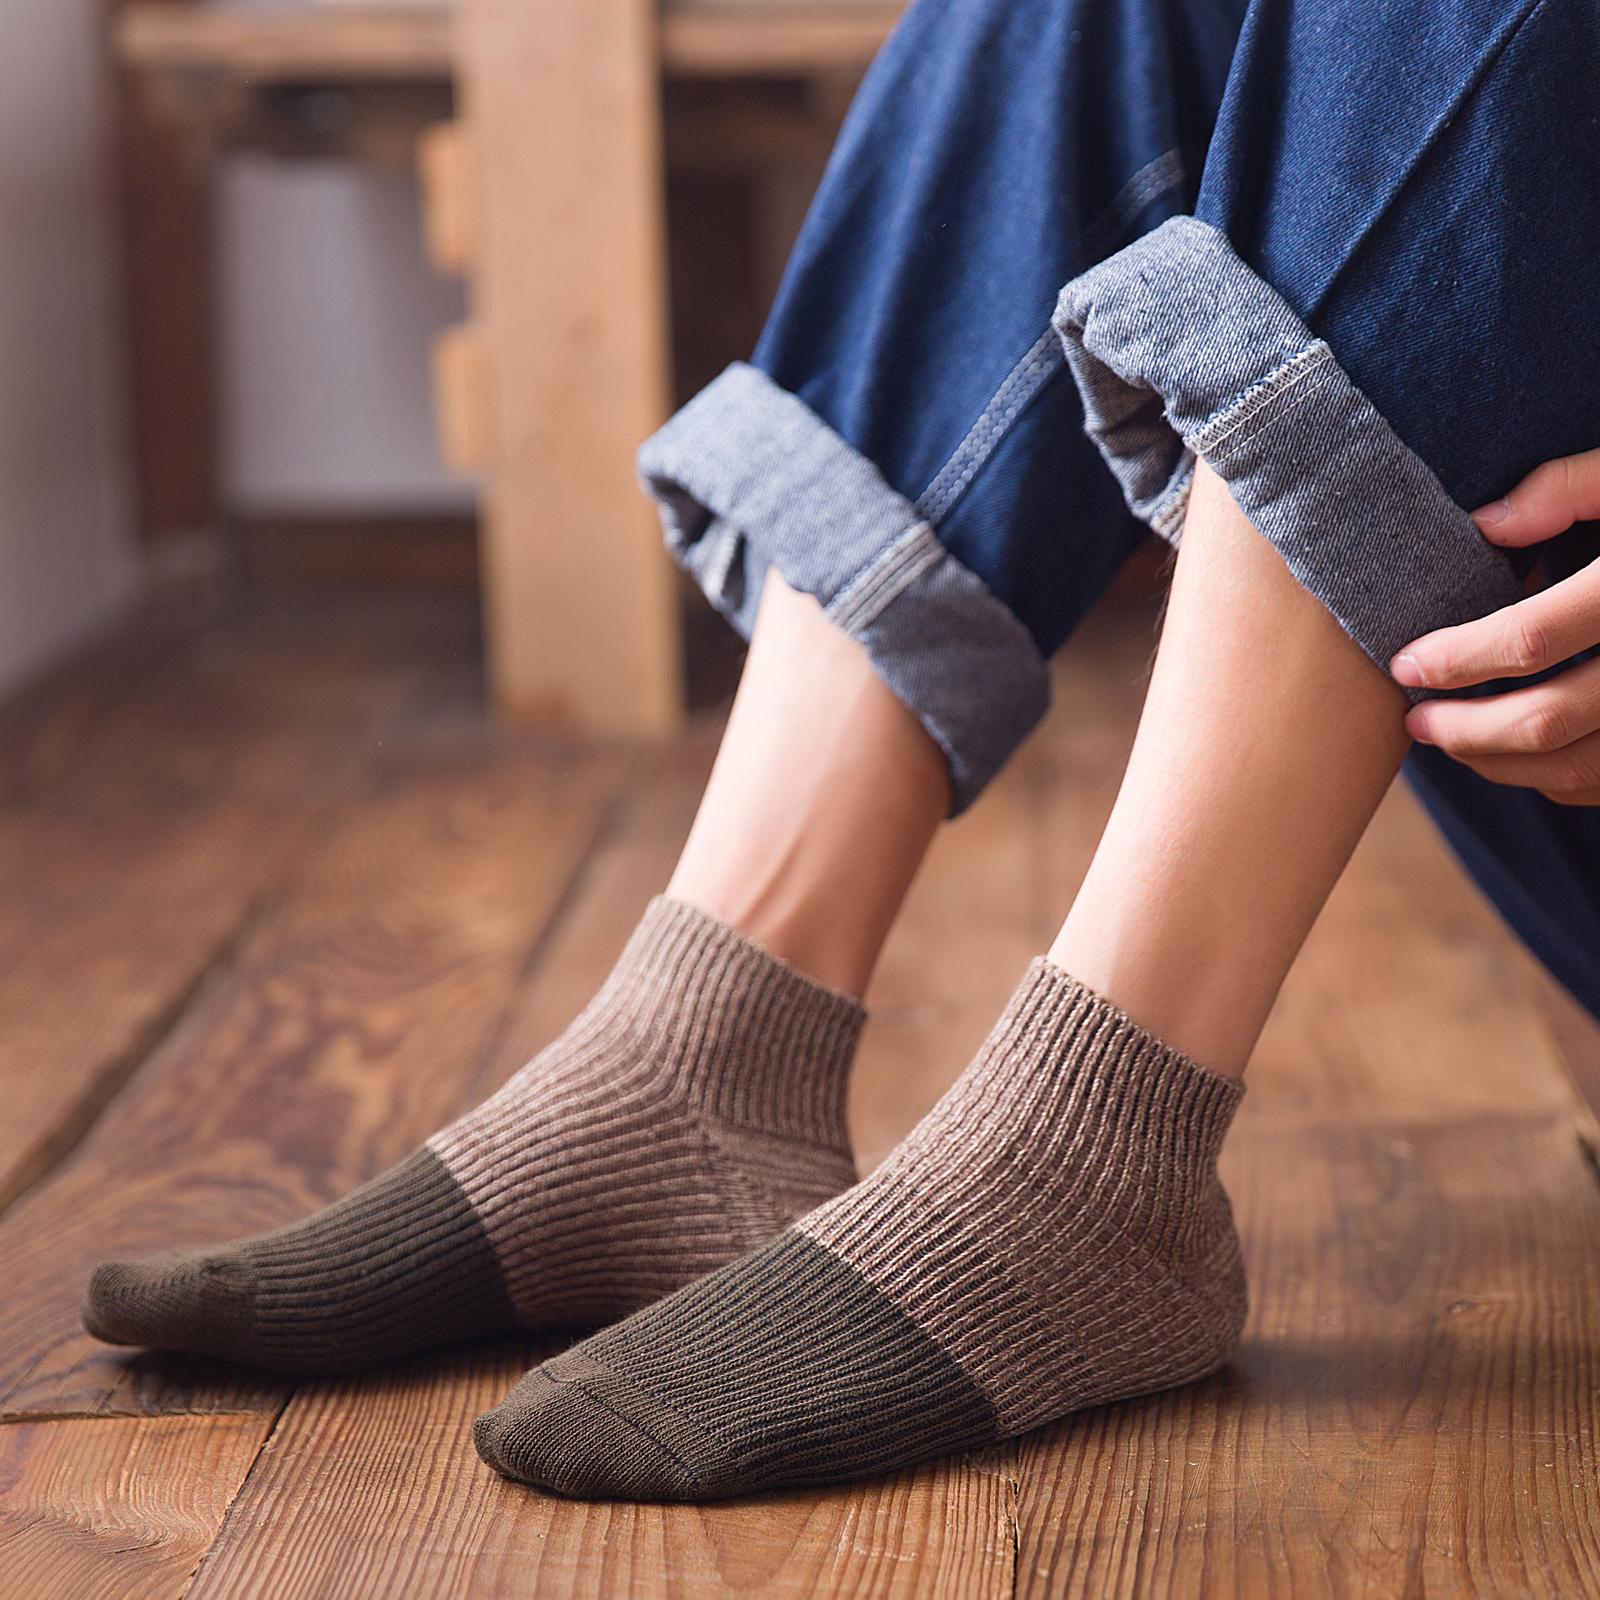 男袜子男士纯棉中筒袜防臭吸汗全棉毛线袜潮流秋冬季长袜街头ins